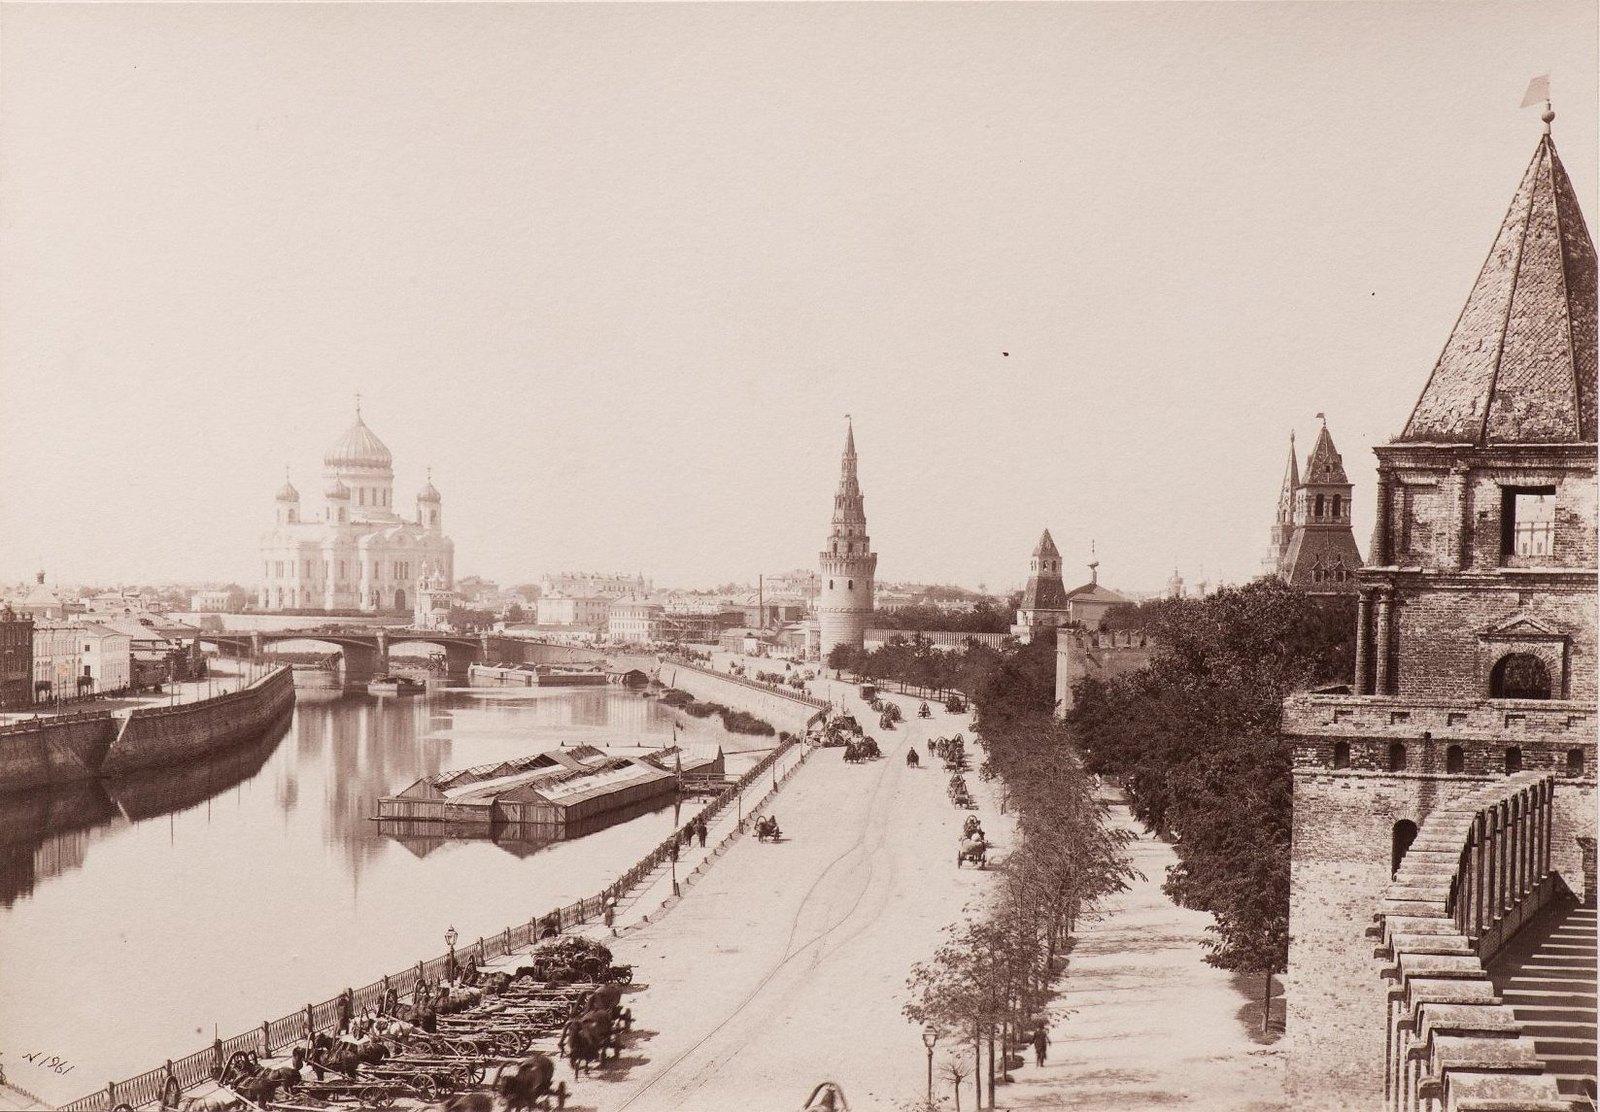 Кремлевская набережная. Вид в сторону храма Христа Спасителя. Неизвестный фотограф. 1890-е